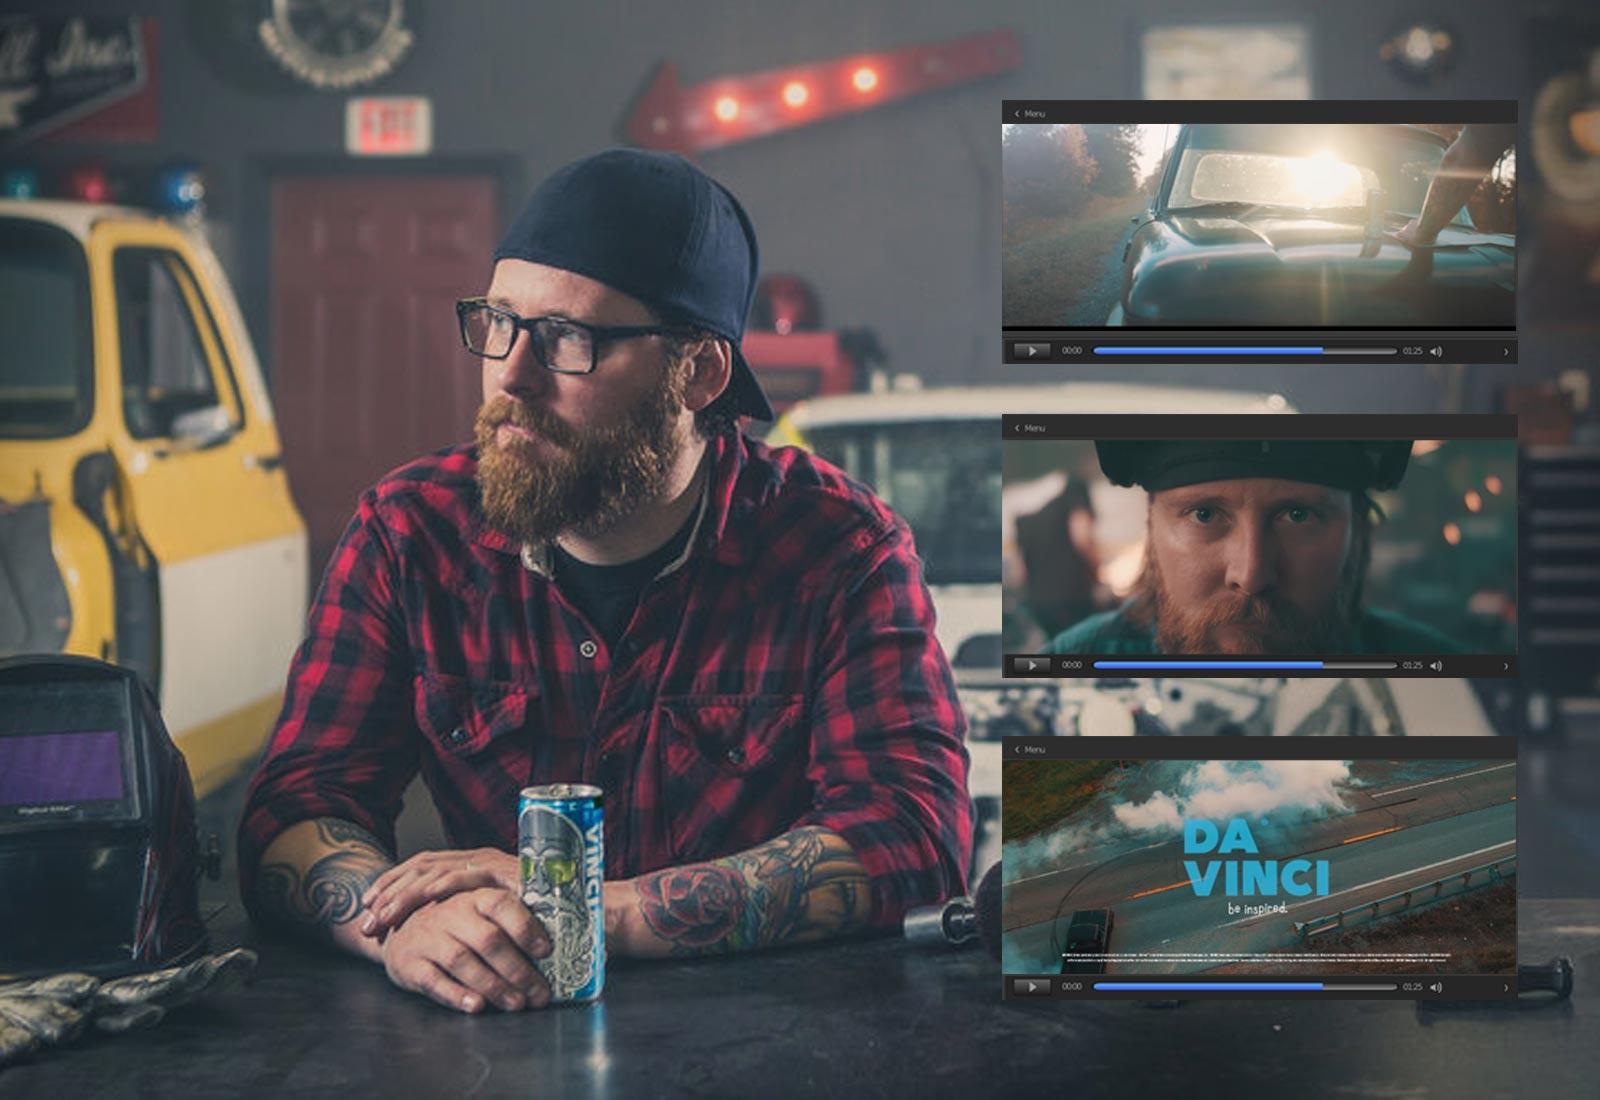 DaVinci Commercial